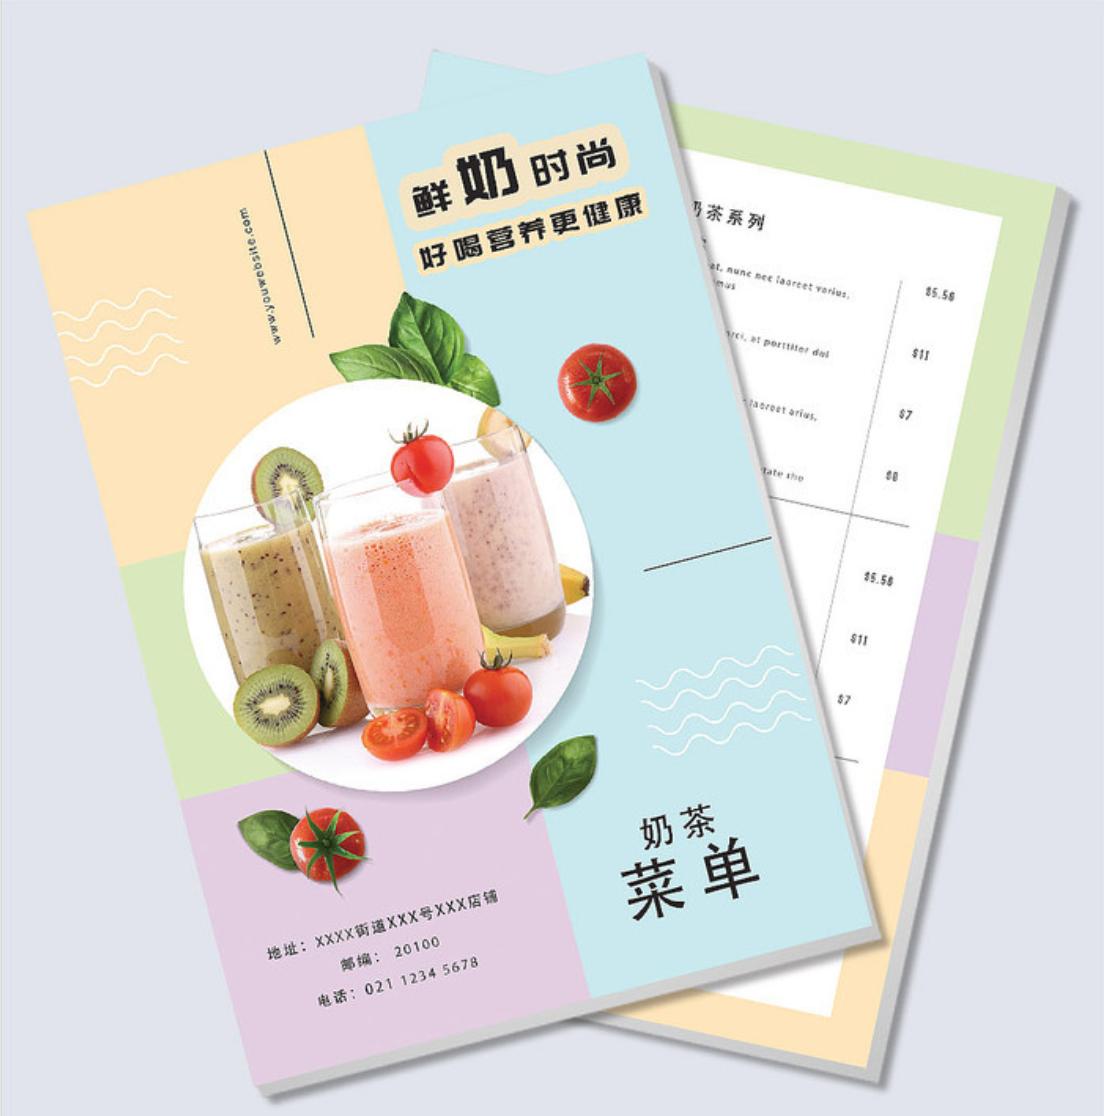 创意宣传单设计分享 奶茶店宣传单设计作品欣赏